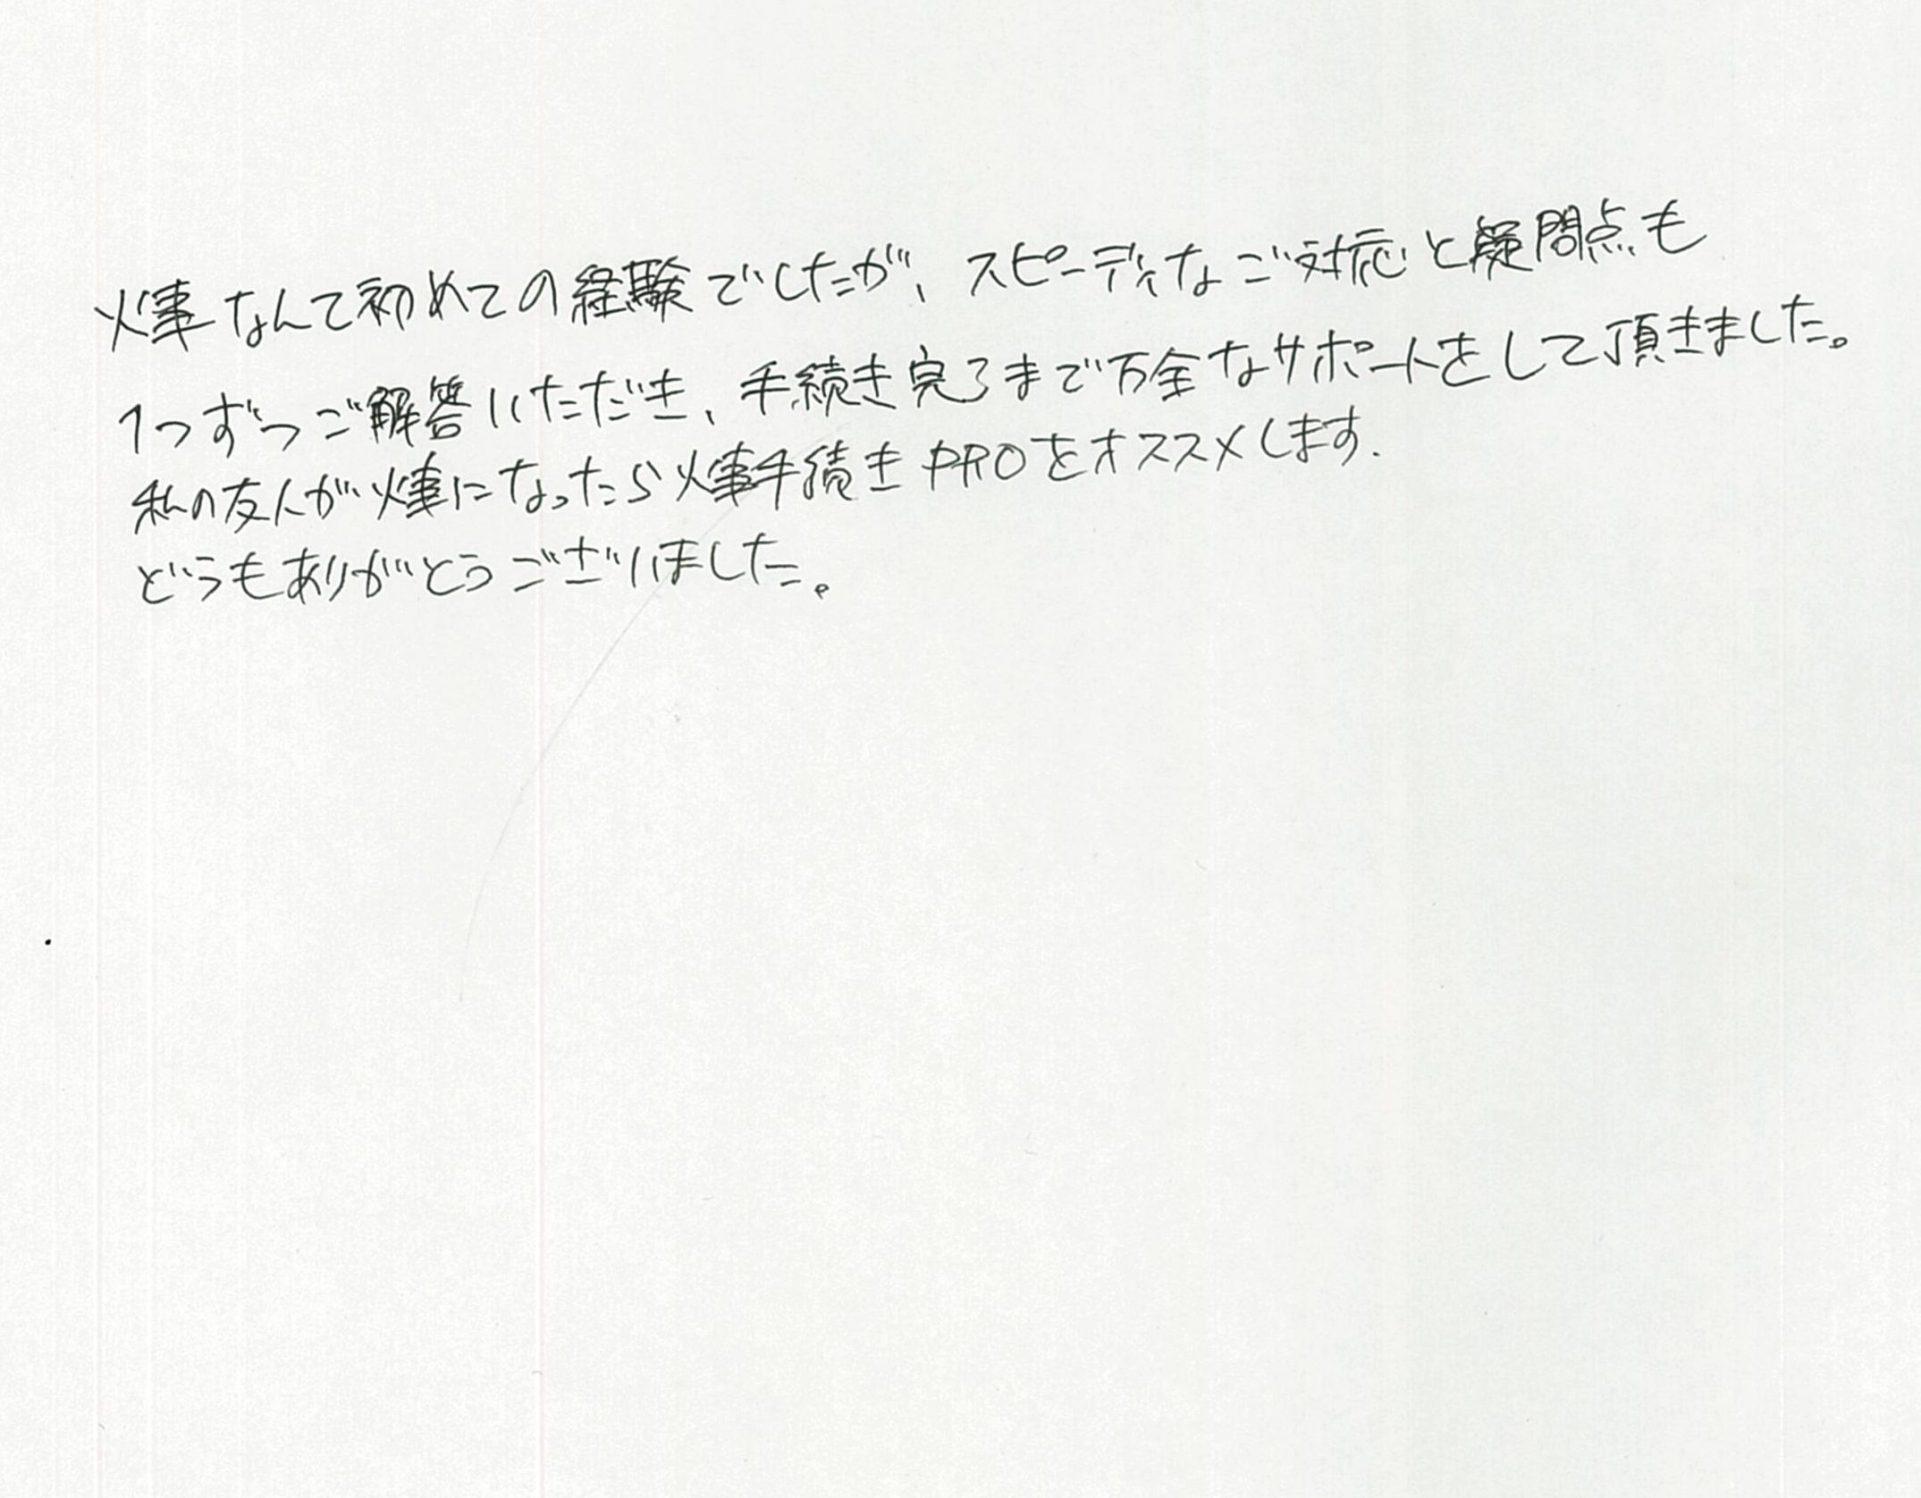 斎藤貴子様(富山県)